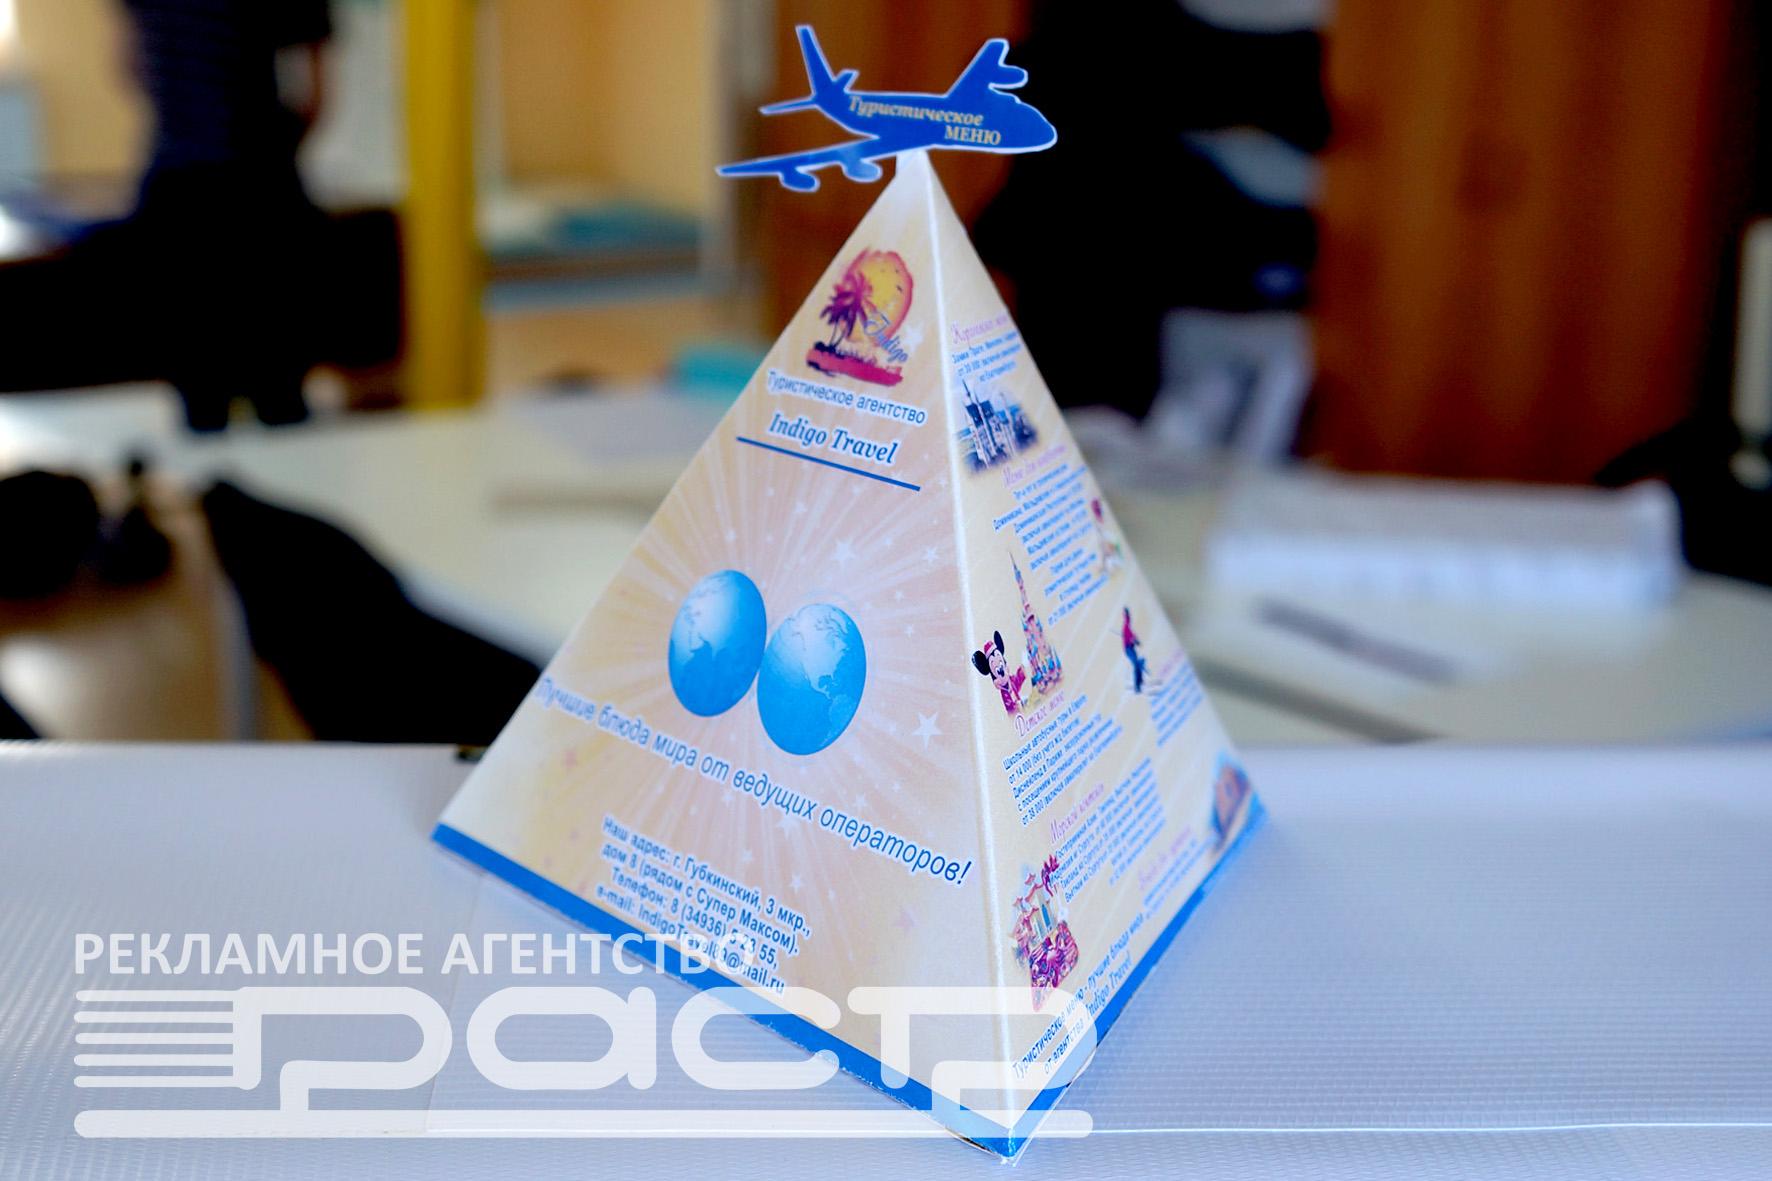 Пирамида для тур-агентства